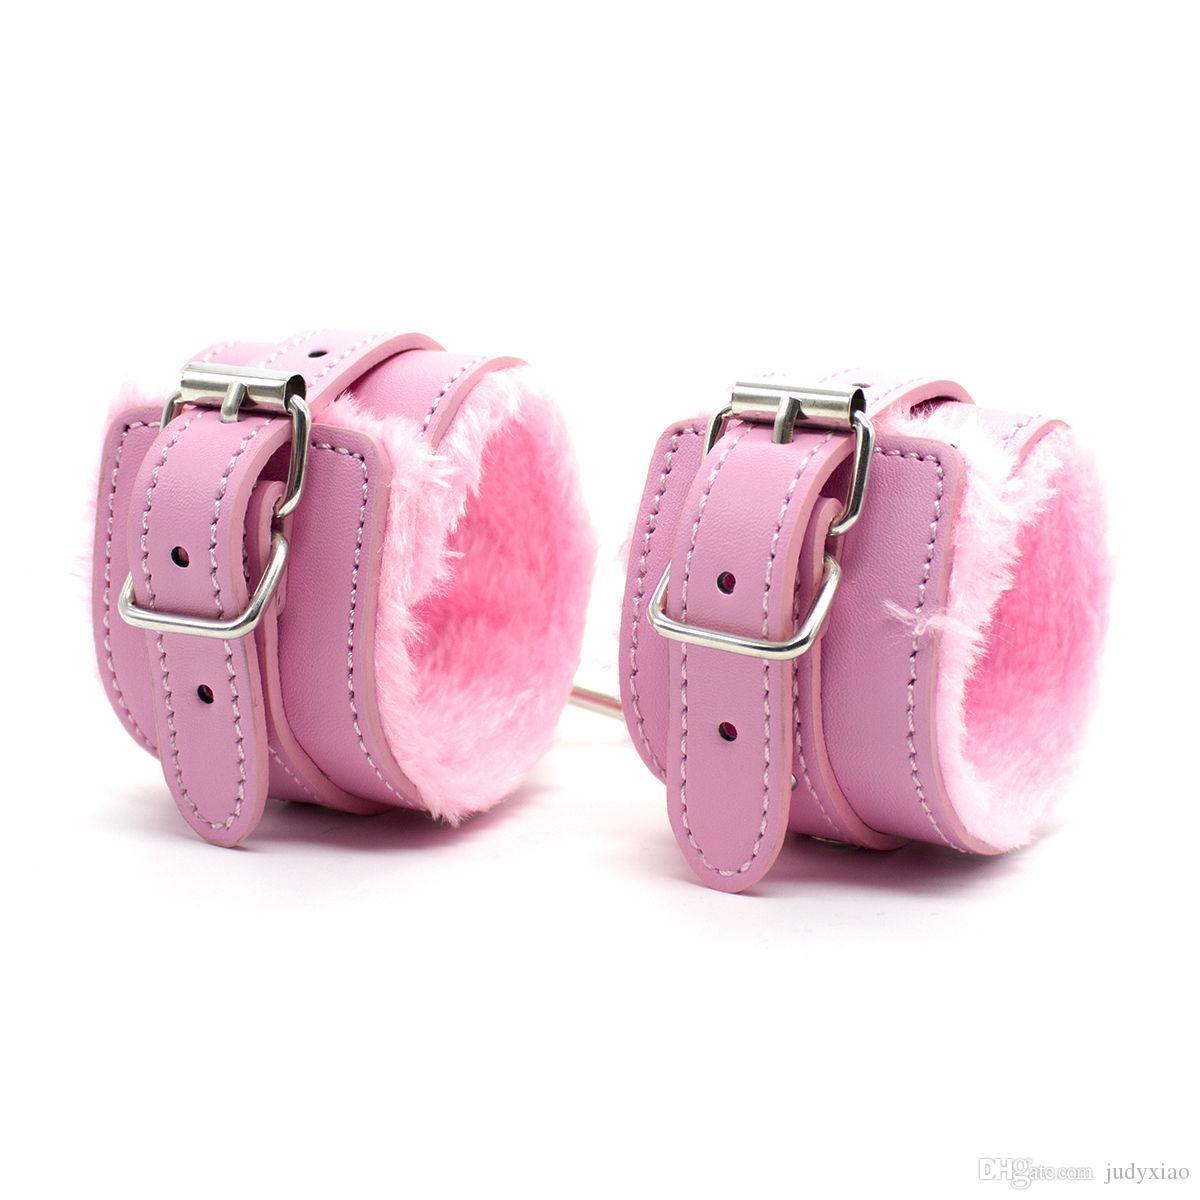 大人のゲームはセックス女性の手首の袖口の足のカフボンデージバインドの組み合わせ赤/ピンク